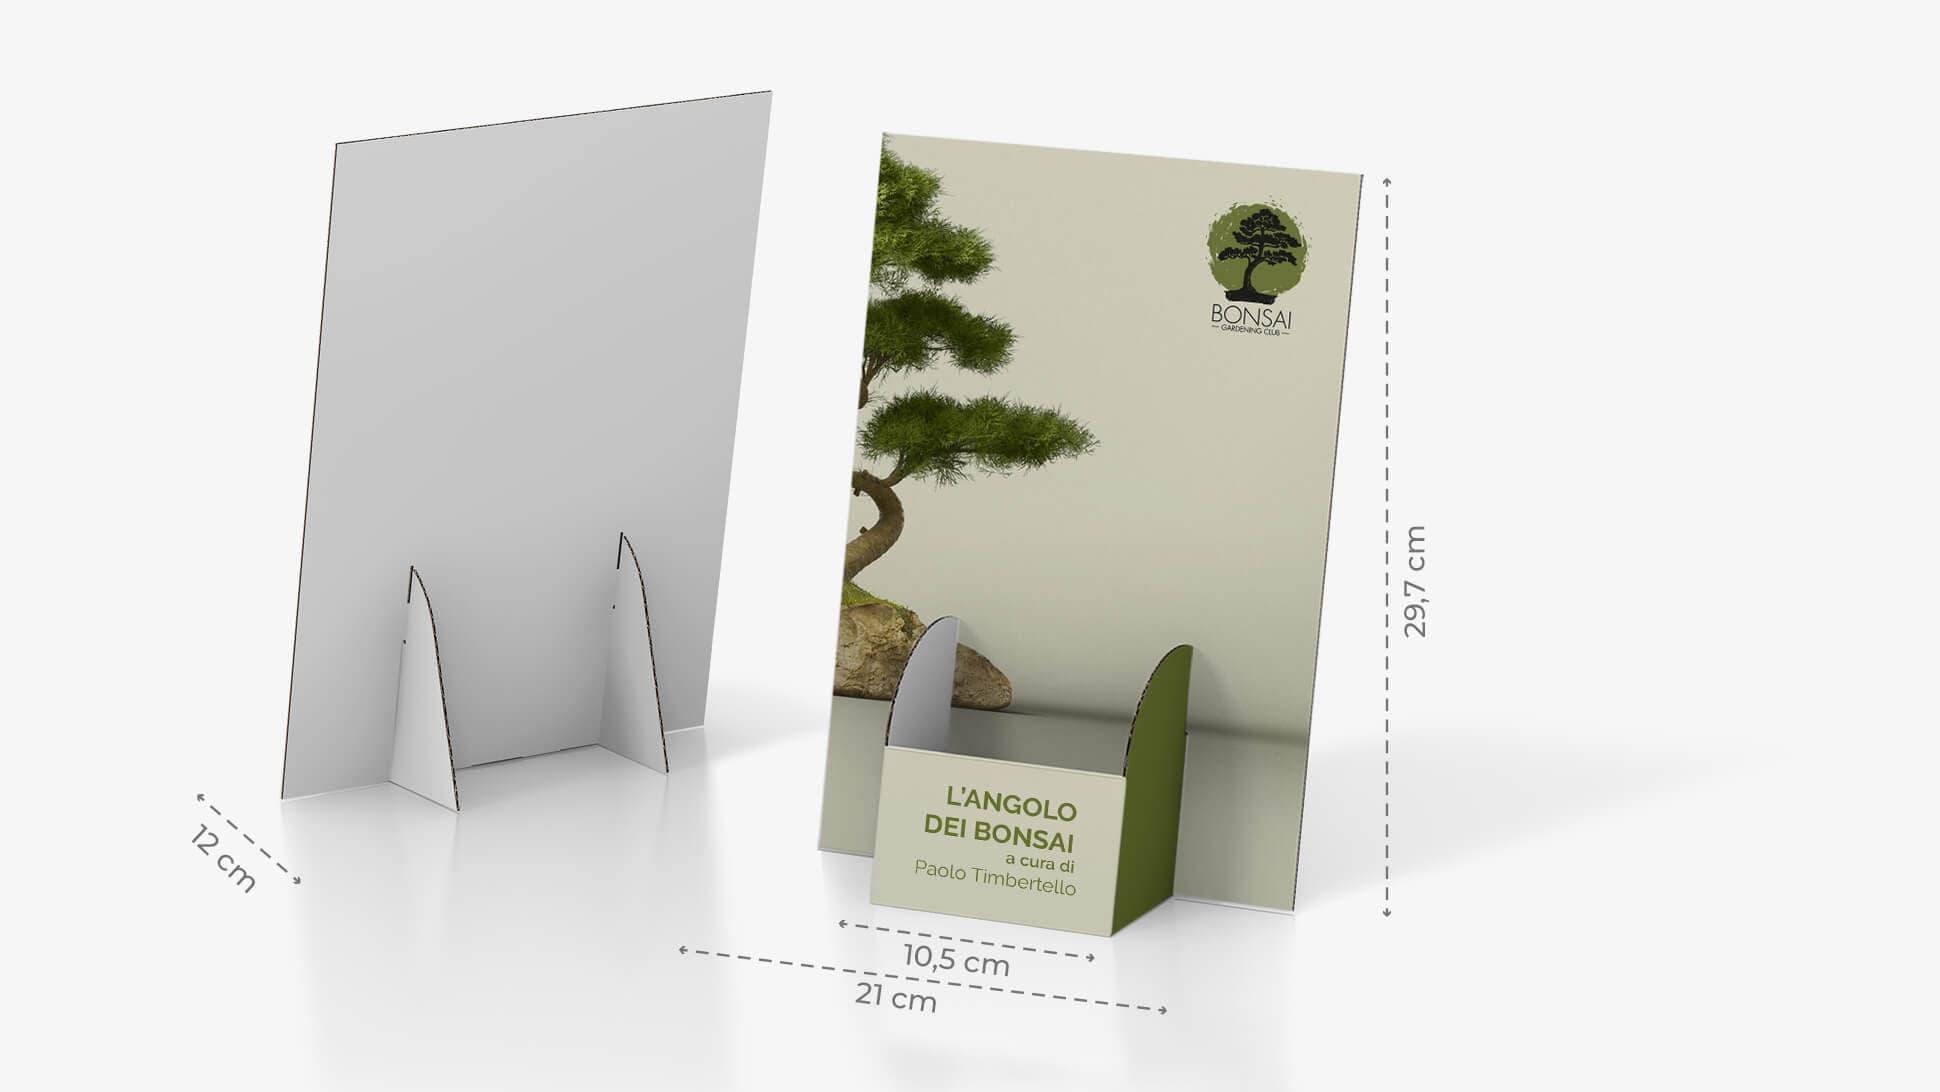 Porta volantini Basic in cartone con tasca al centro | tictac.it